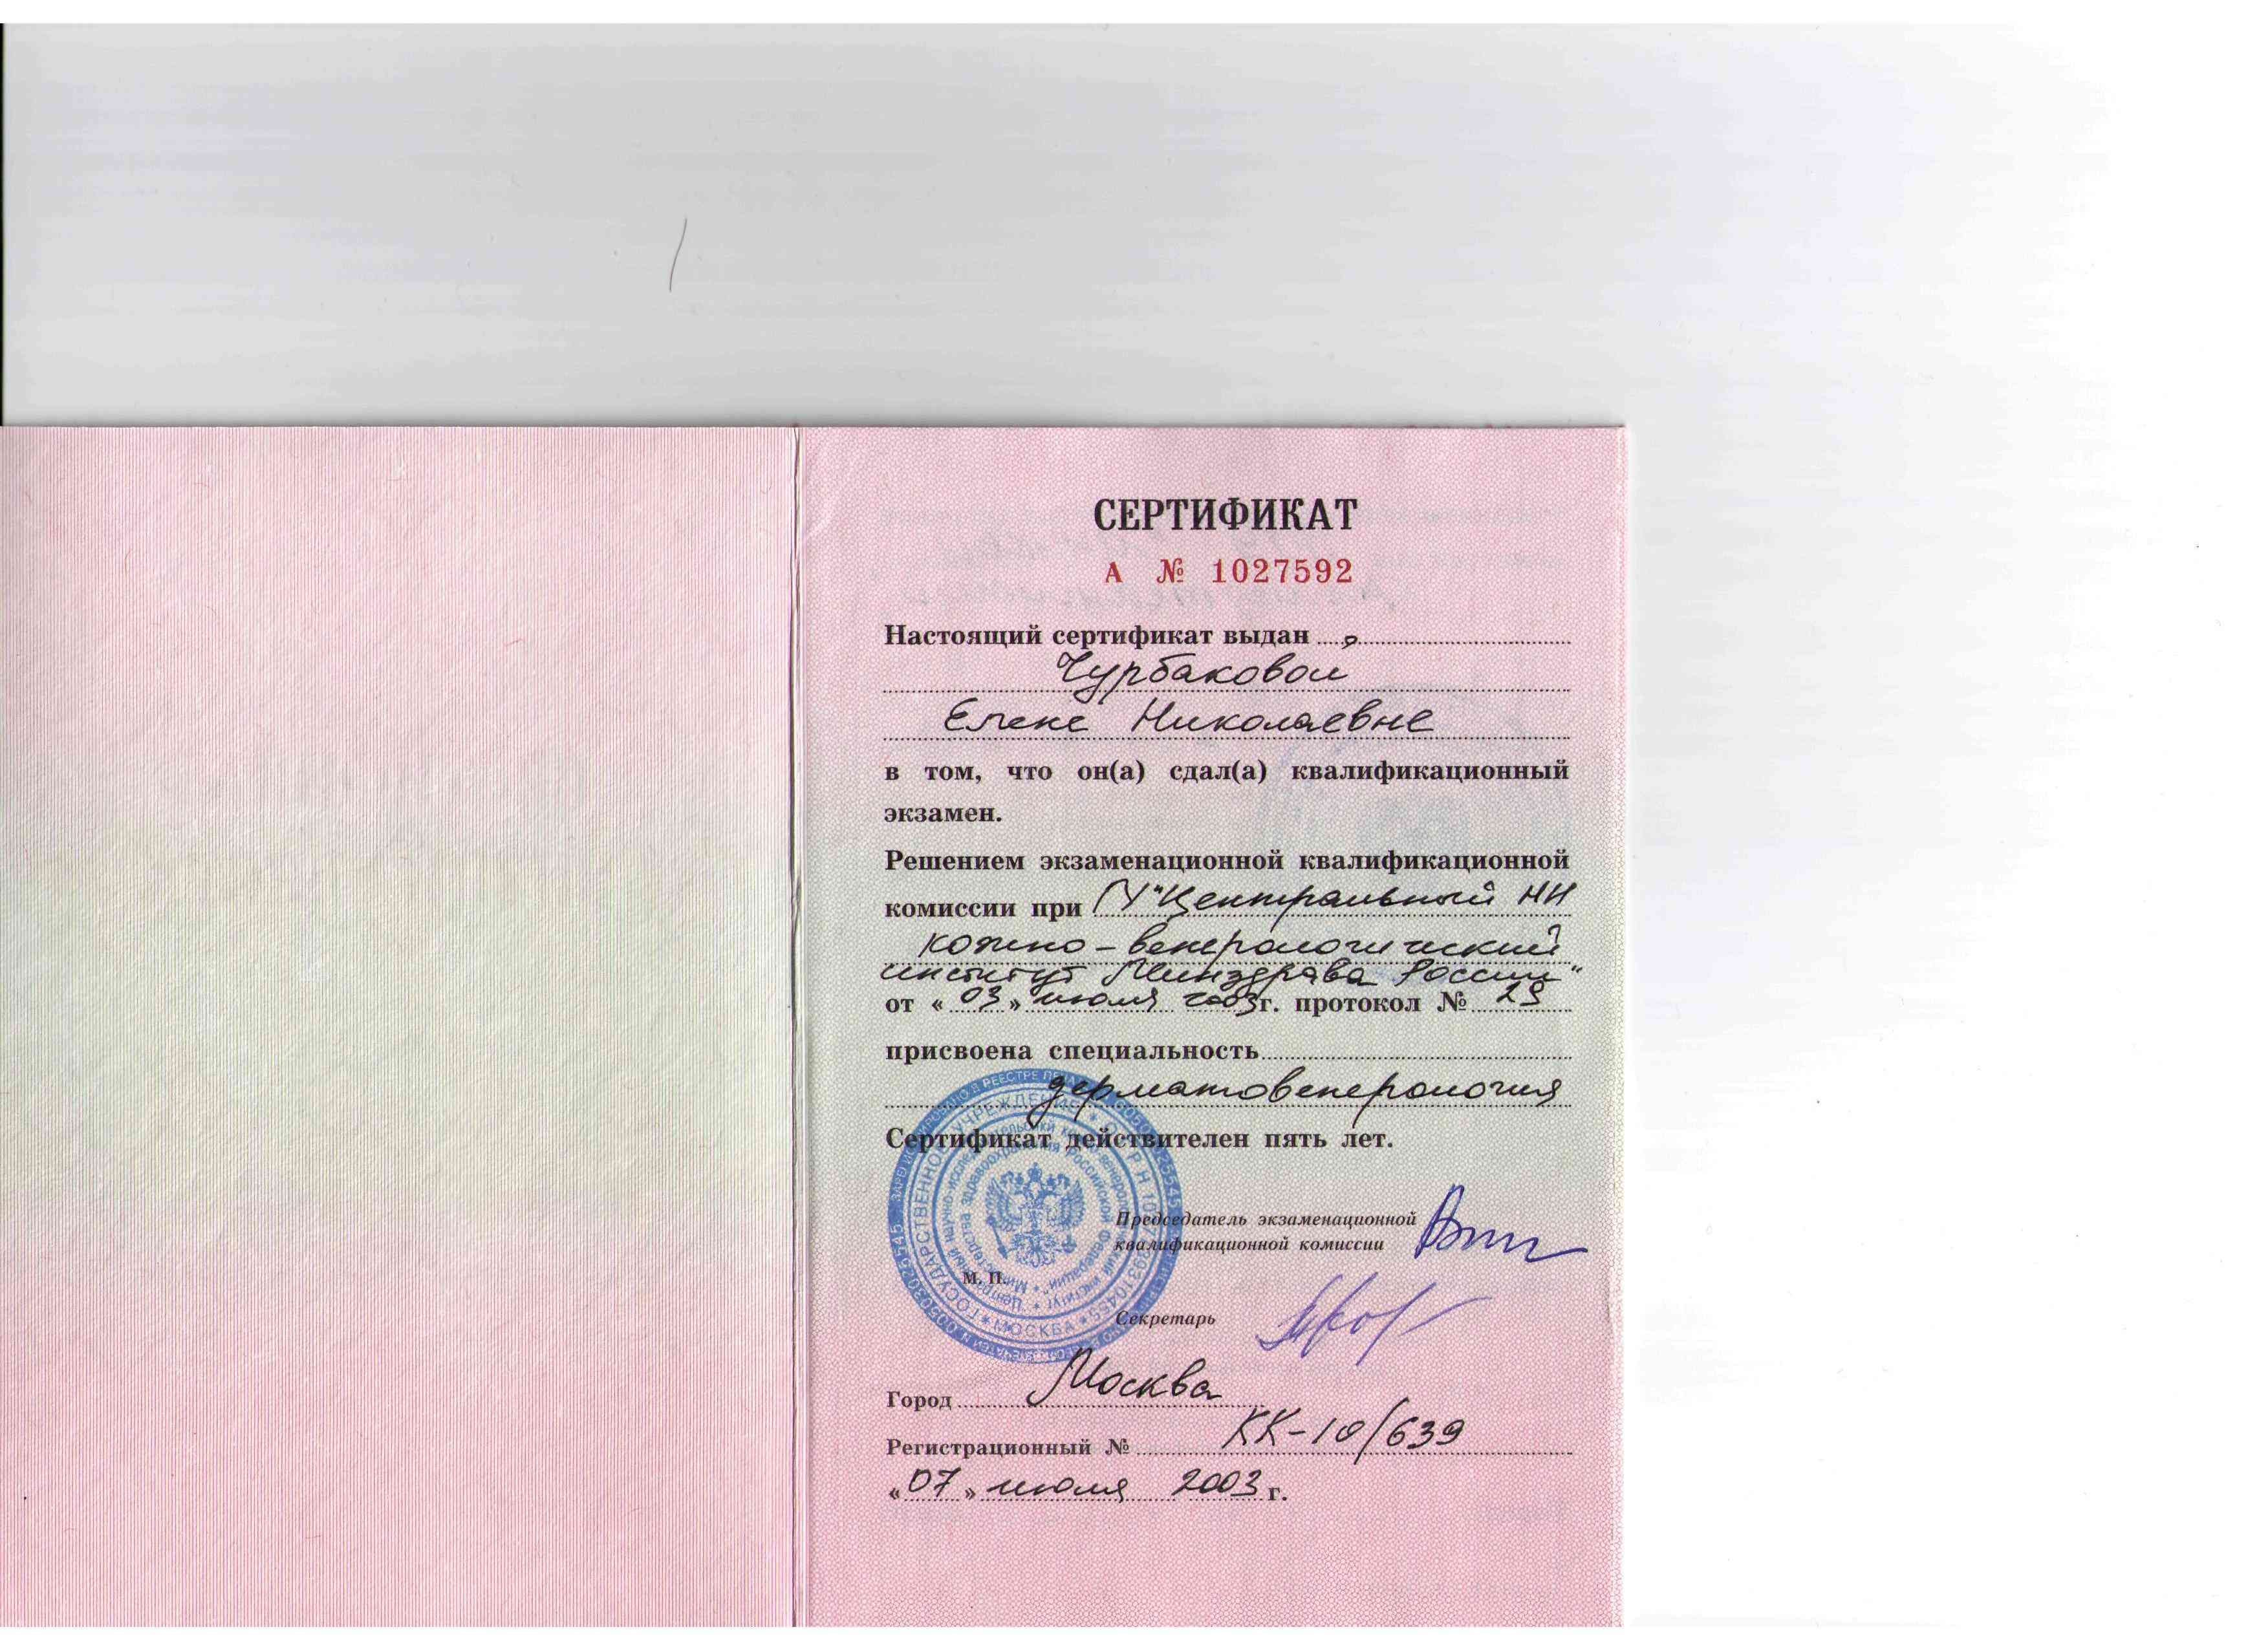 2003 сертификат дерматовенеролог